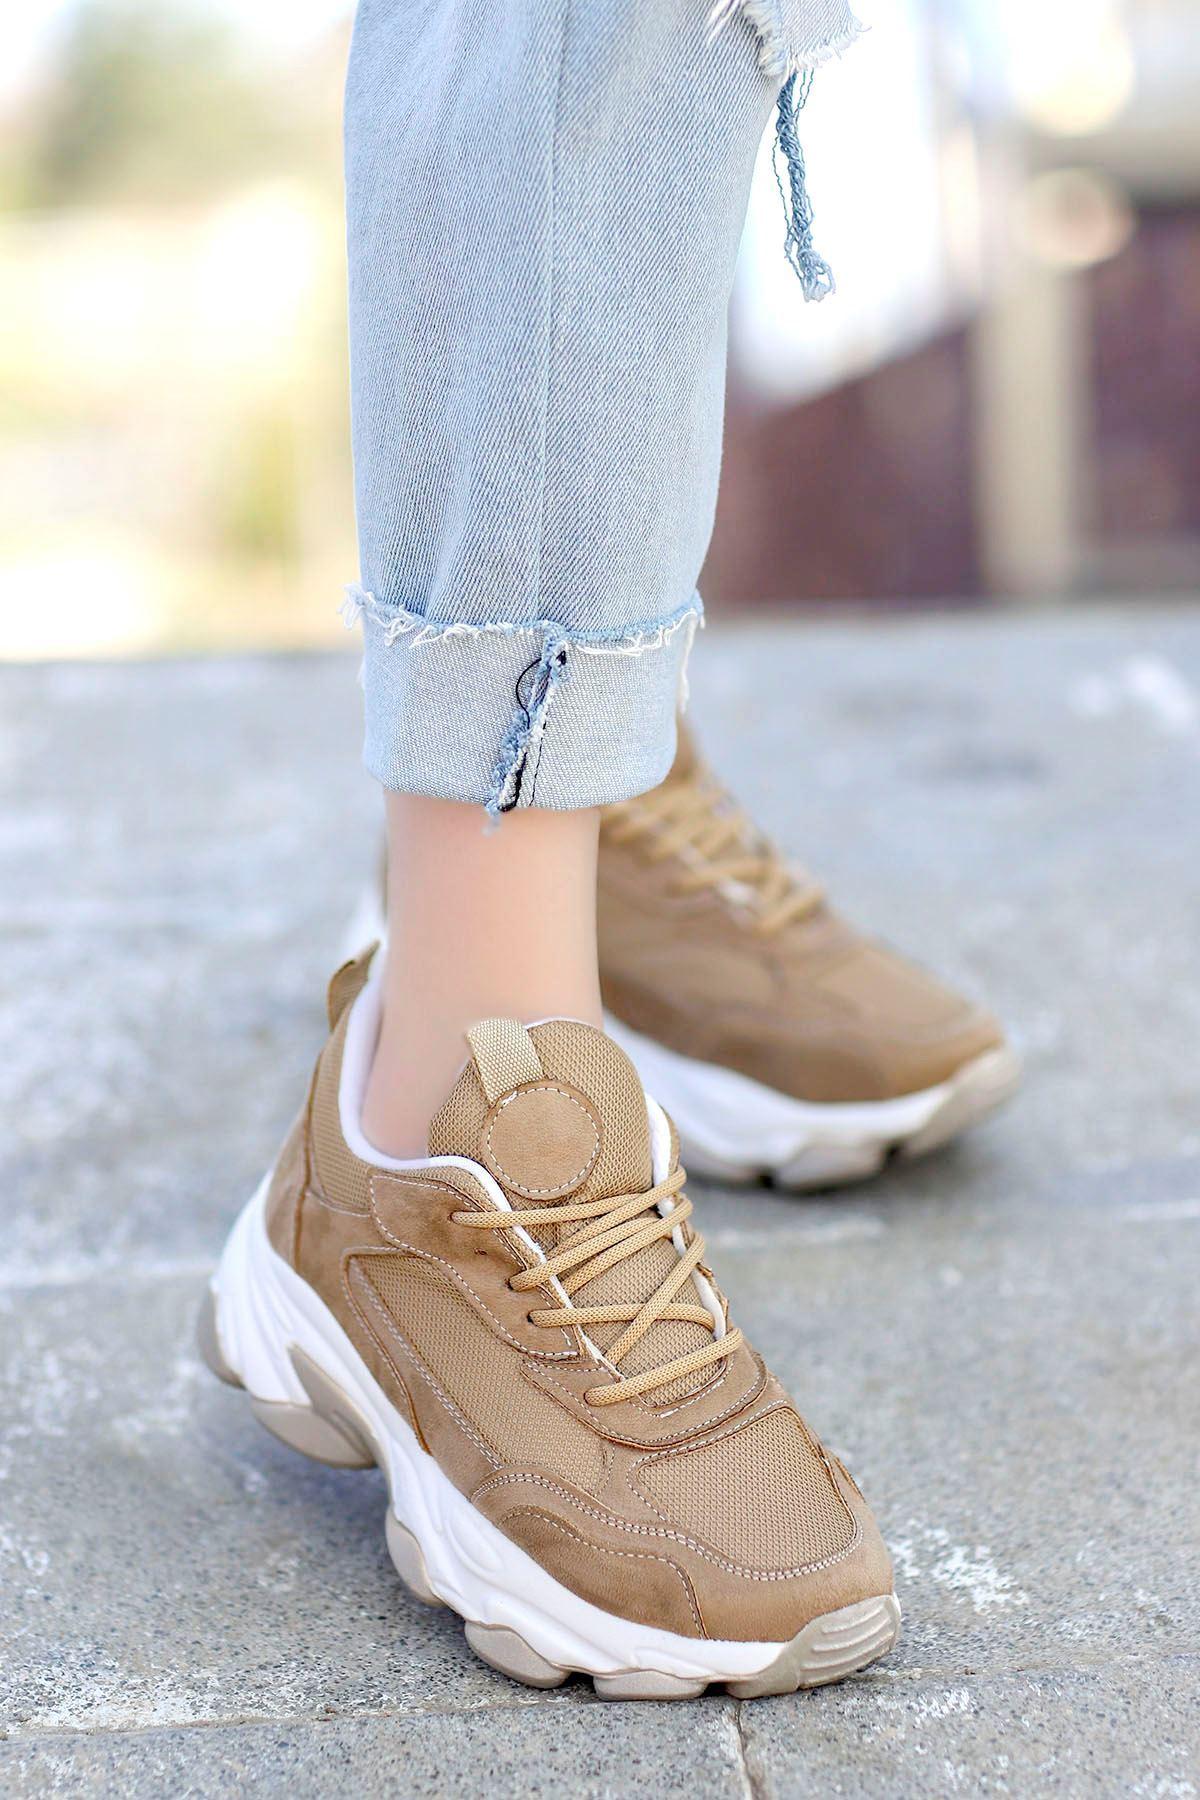 Kuki Tabanlı Spor Ayakkabı Nut